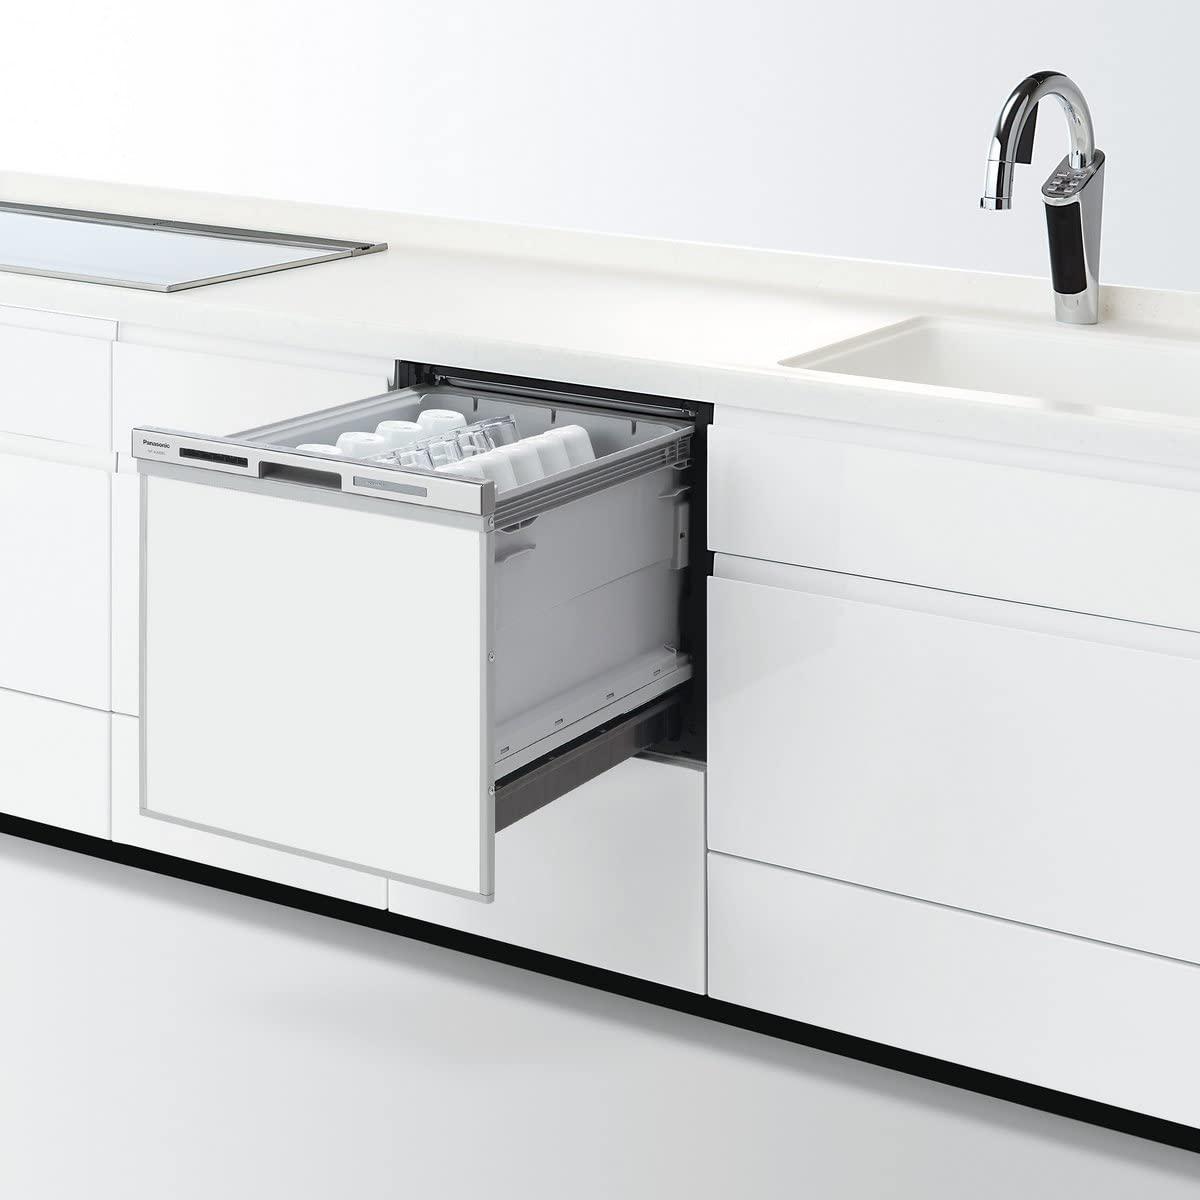 Panasonic(パナソニック) ビルトイン食器洗い乾燥機 NP-45MS8Sの商品画像